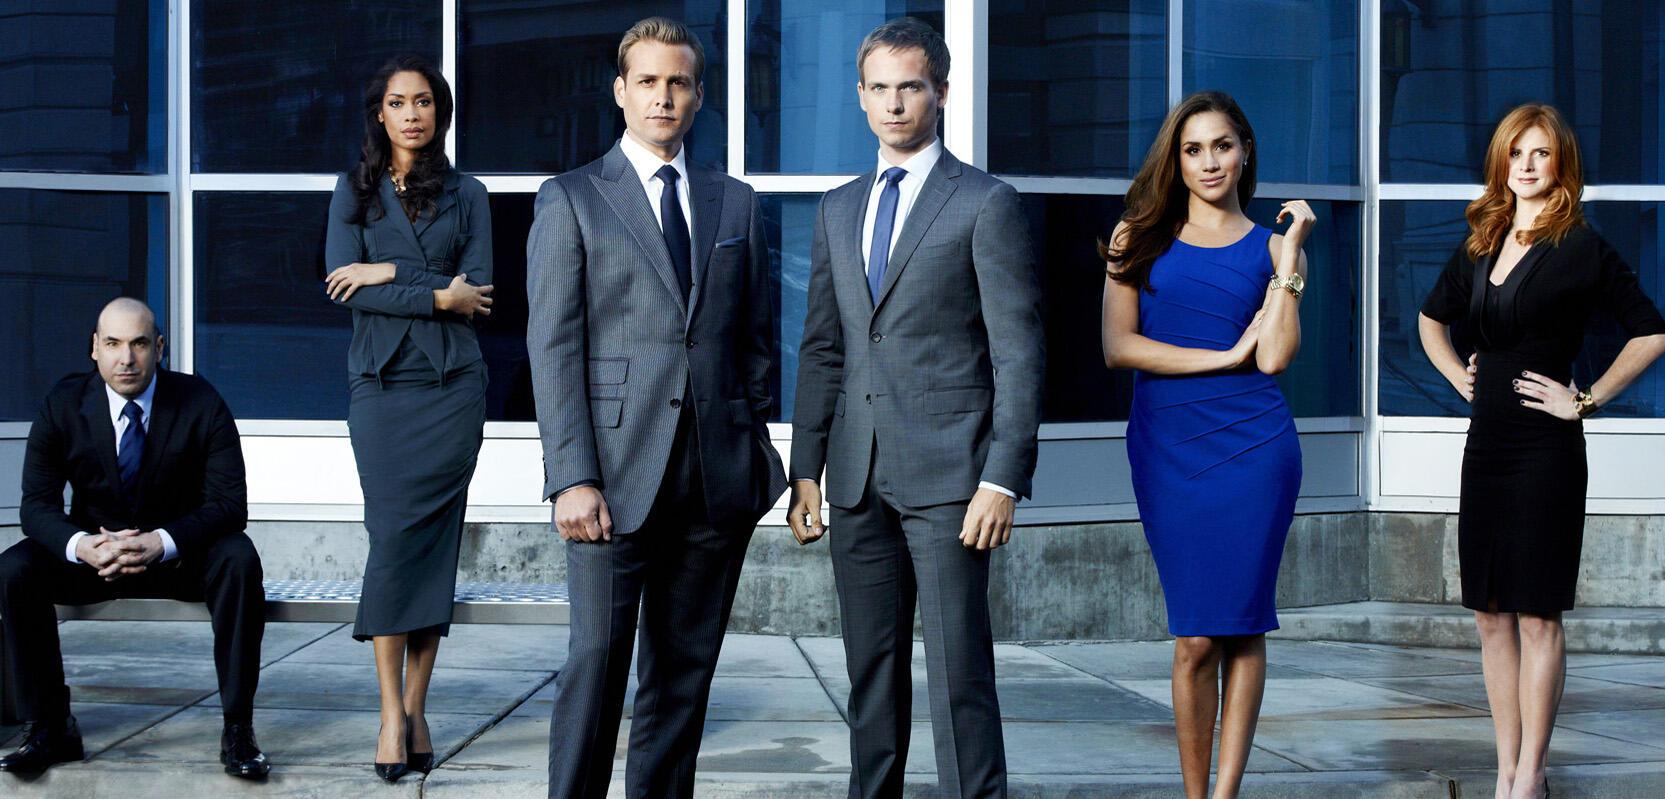 Anwaltsserie Suits